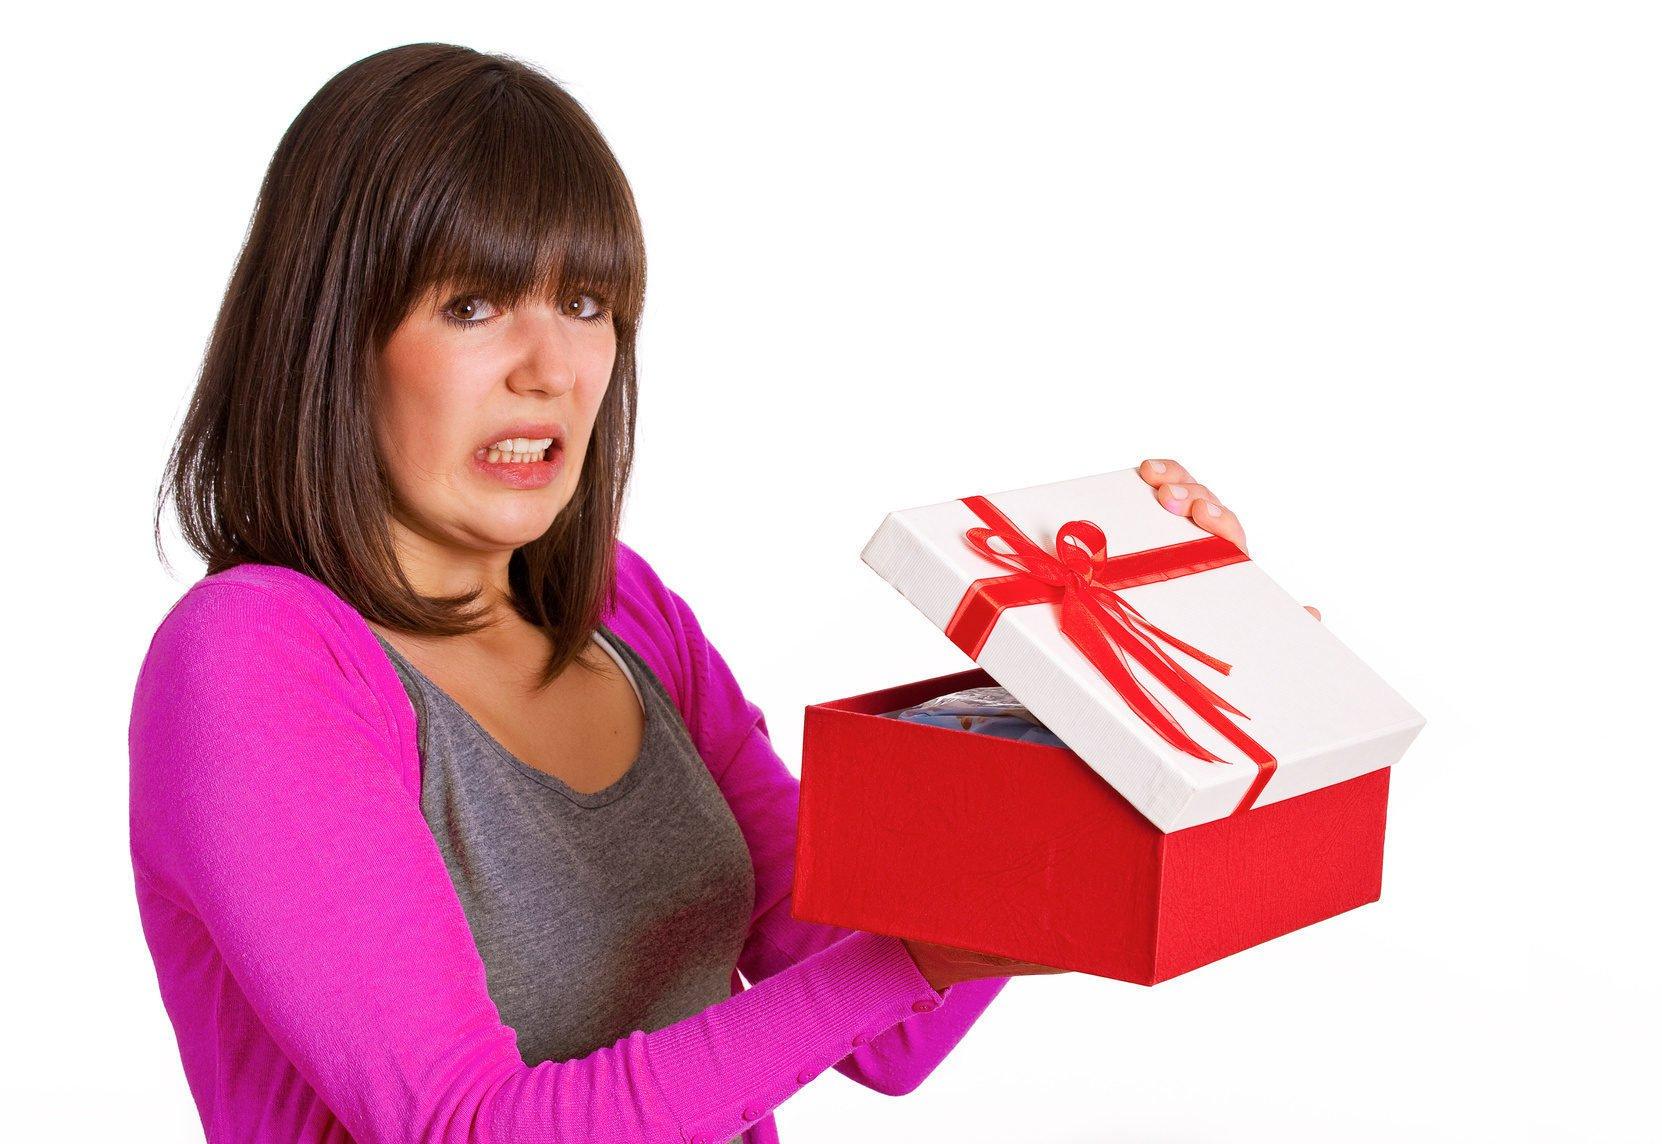 Подарки которые нельзя дарить девушке